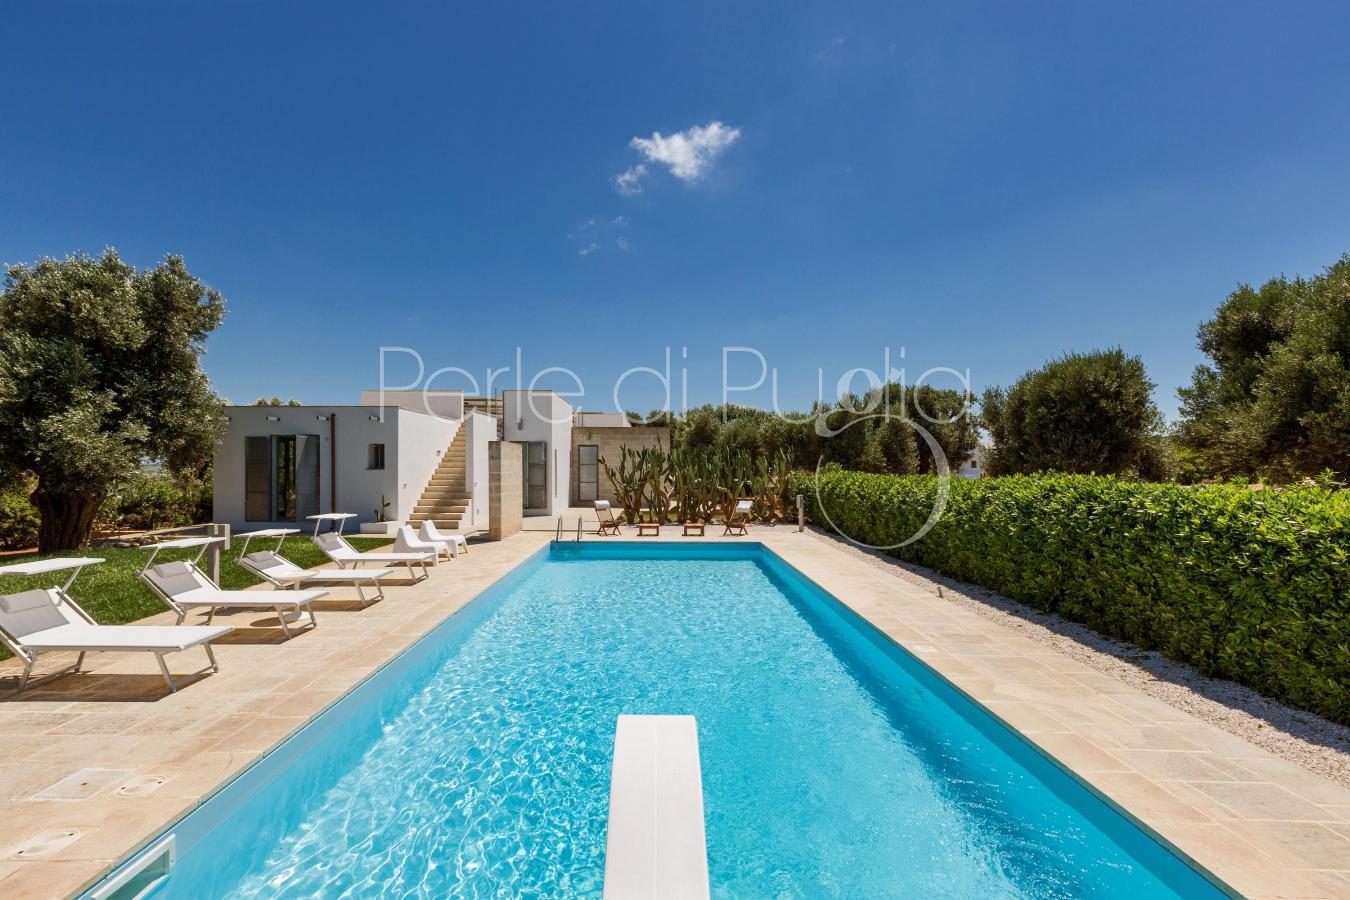 Villa di lusso con piscina villa torre guaceto for Nuove case con suite suocera